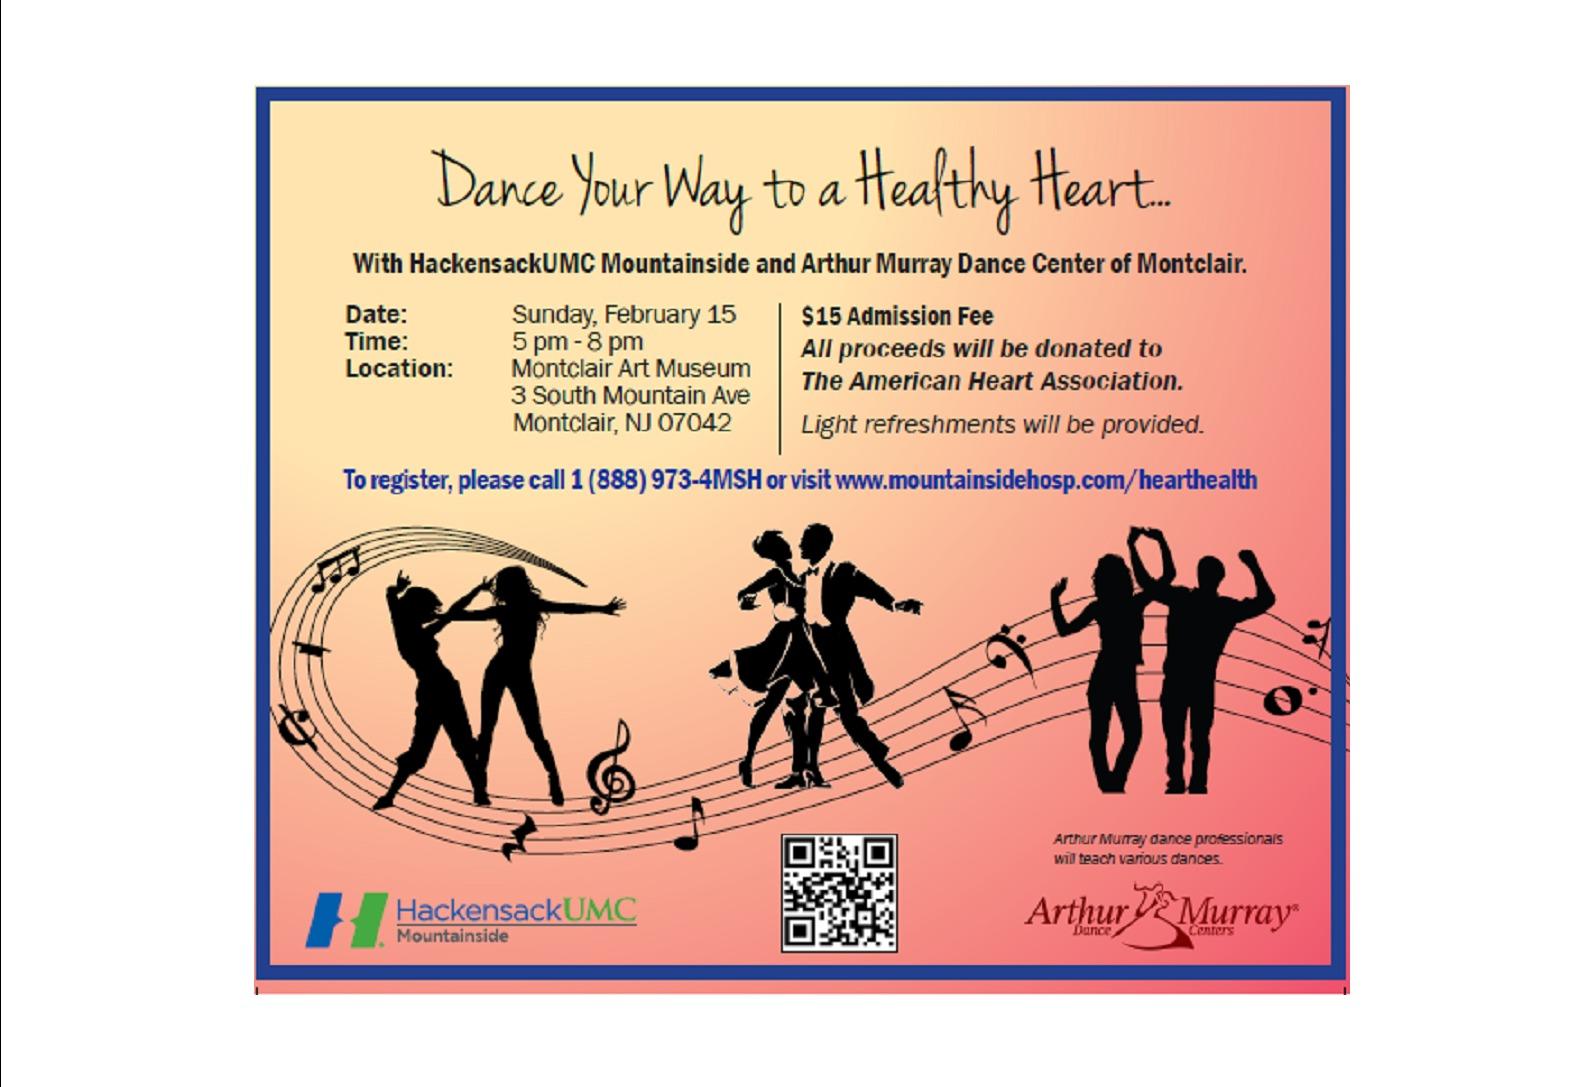 HackensackUMC Mountainside: Dance for a Cause | TAPinto